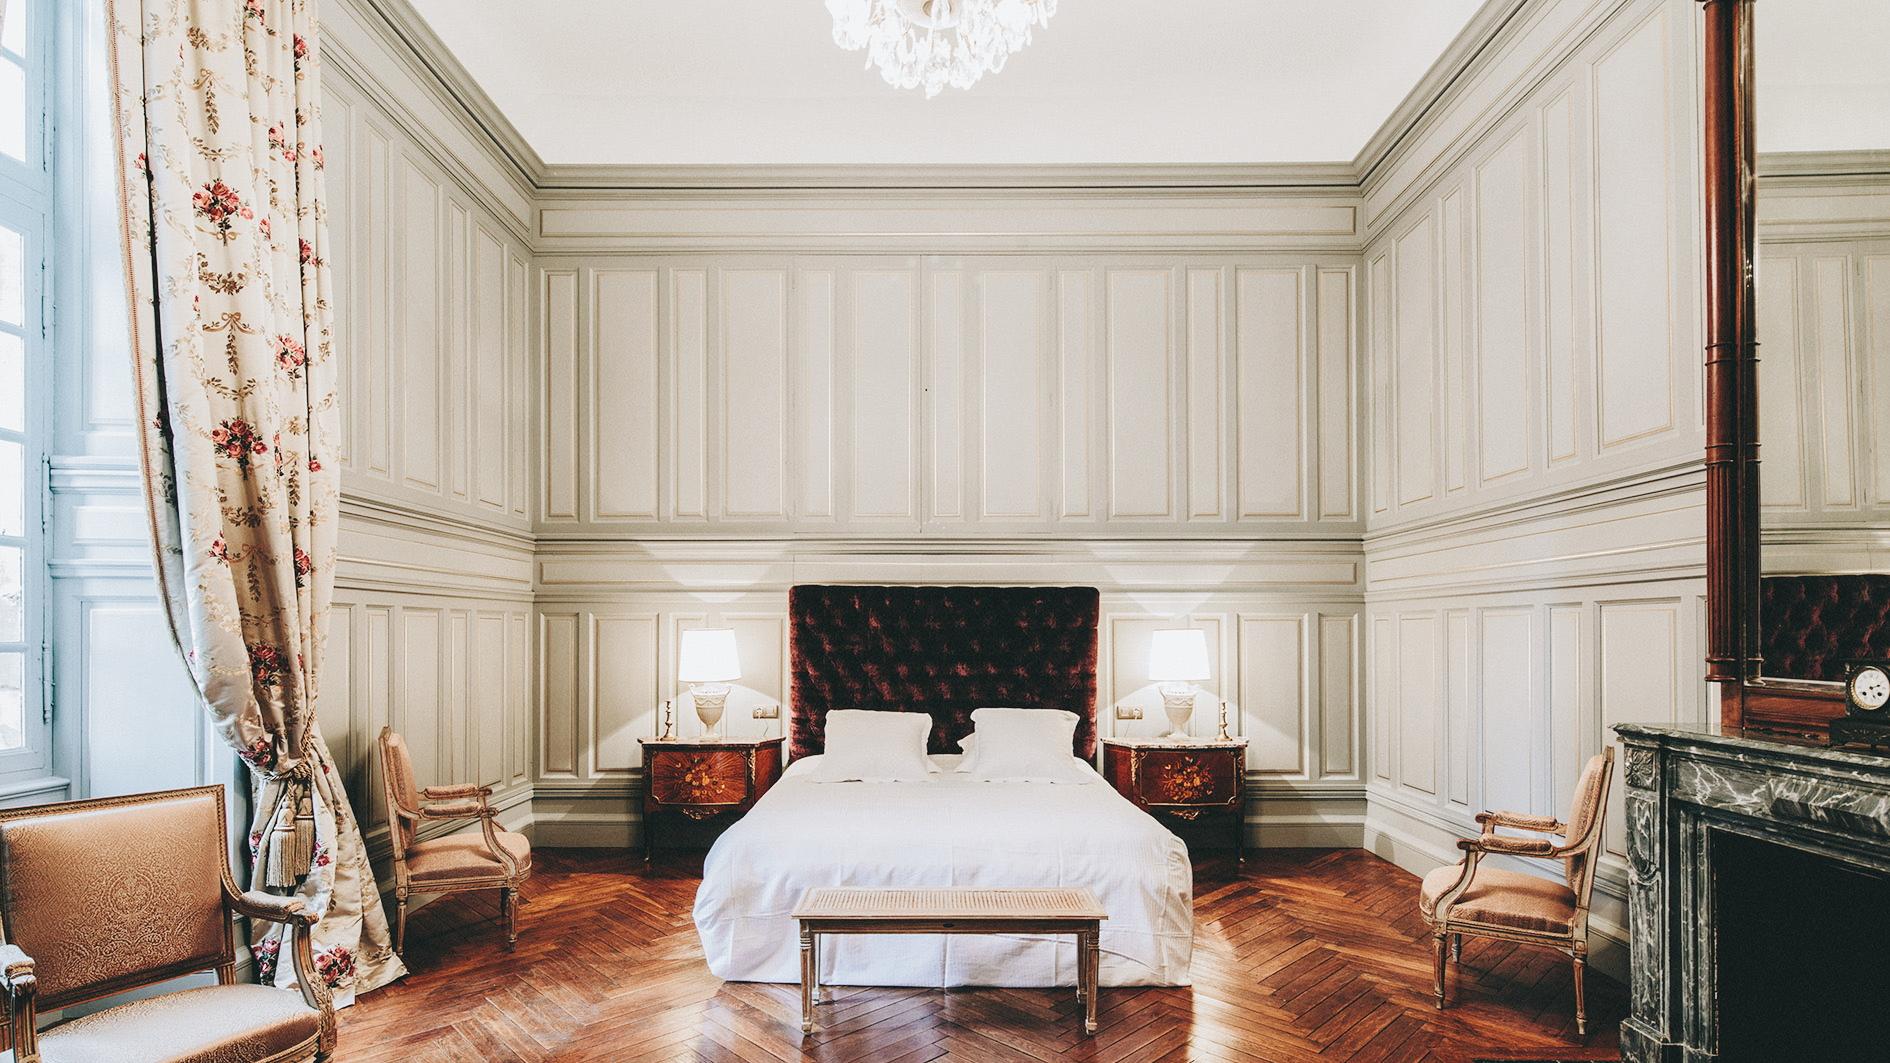 Suite-de-Riquet-Chateau-de-Paraza-_-slide